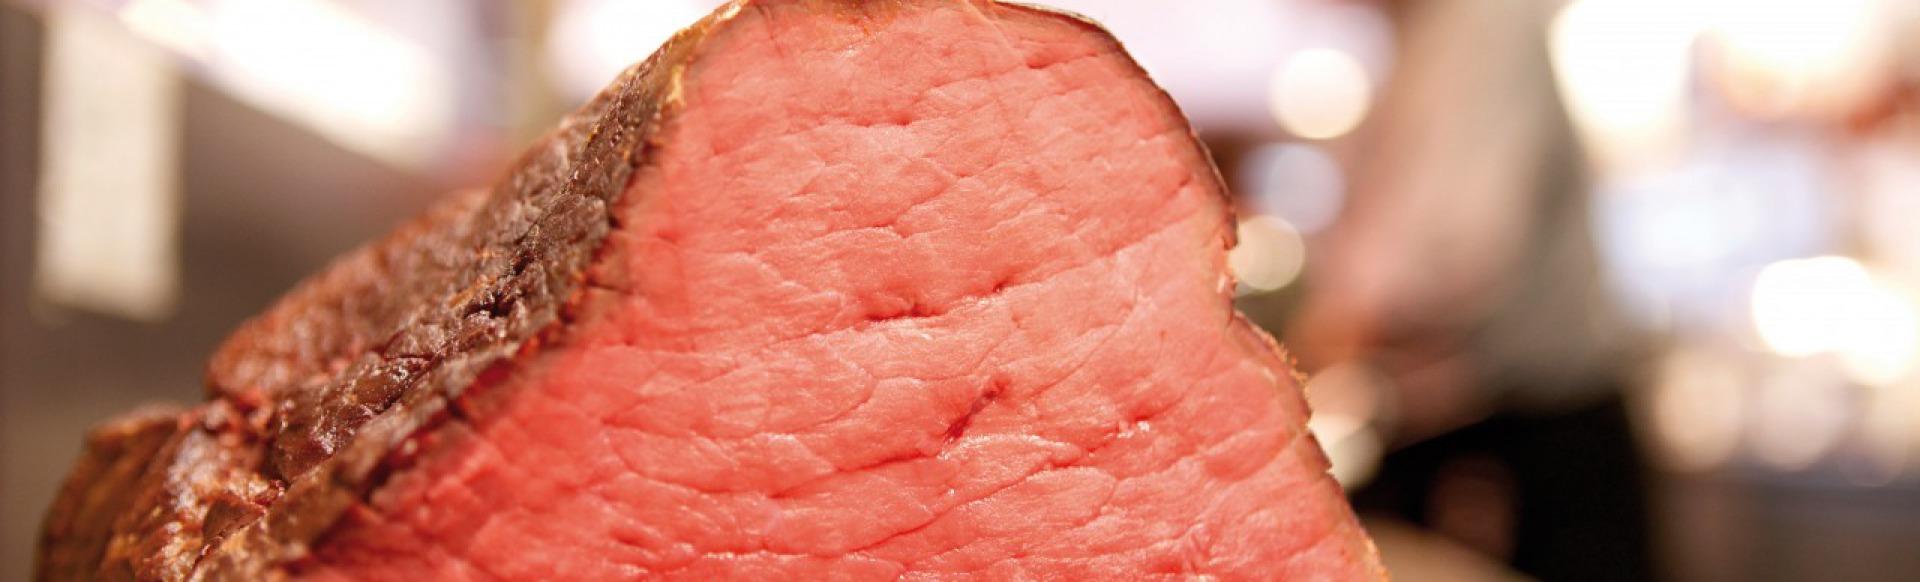 Beef Best